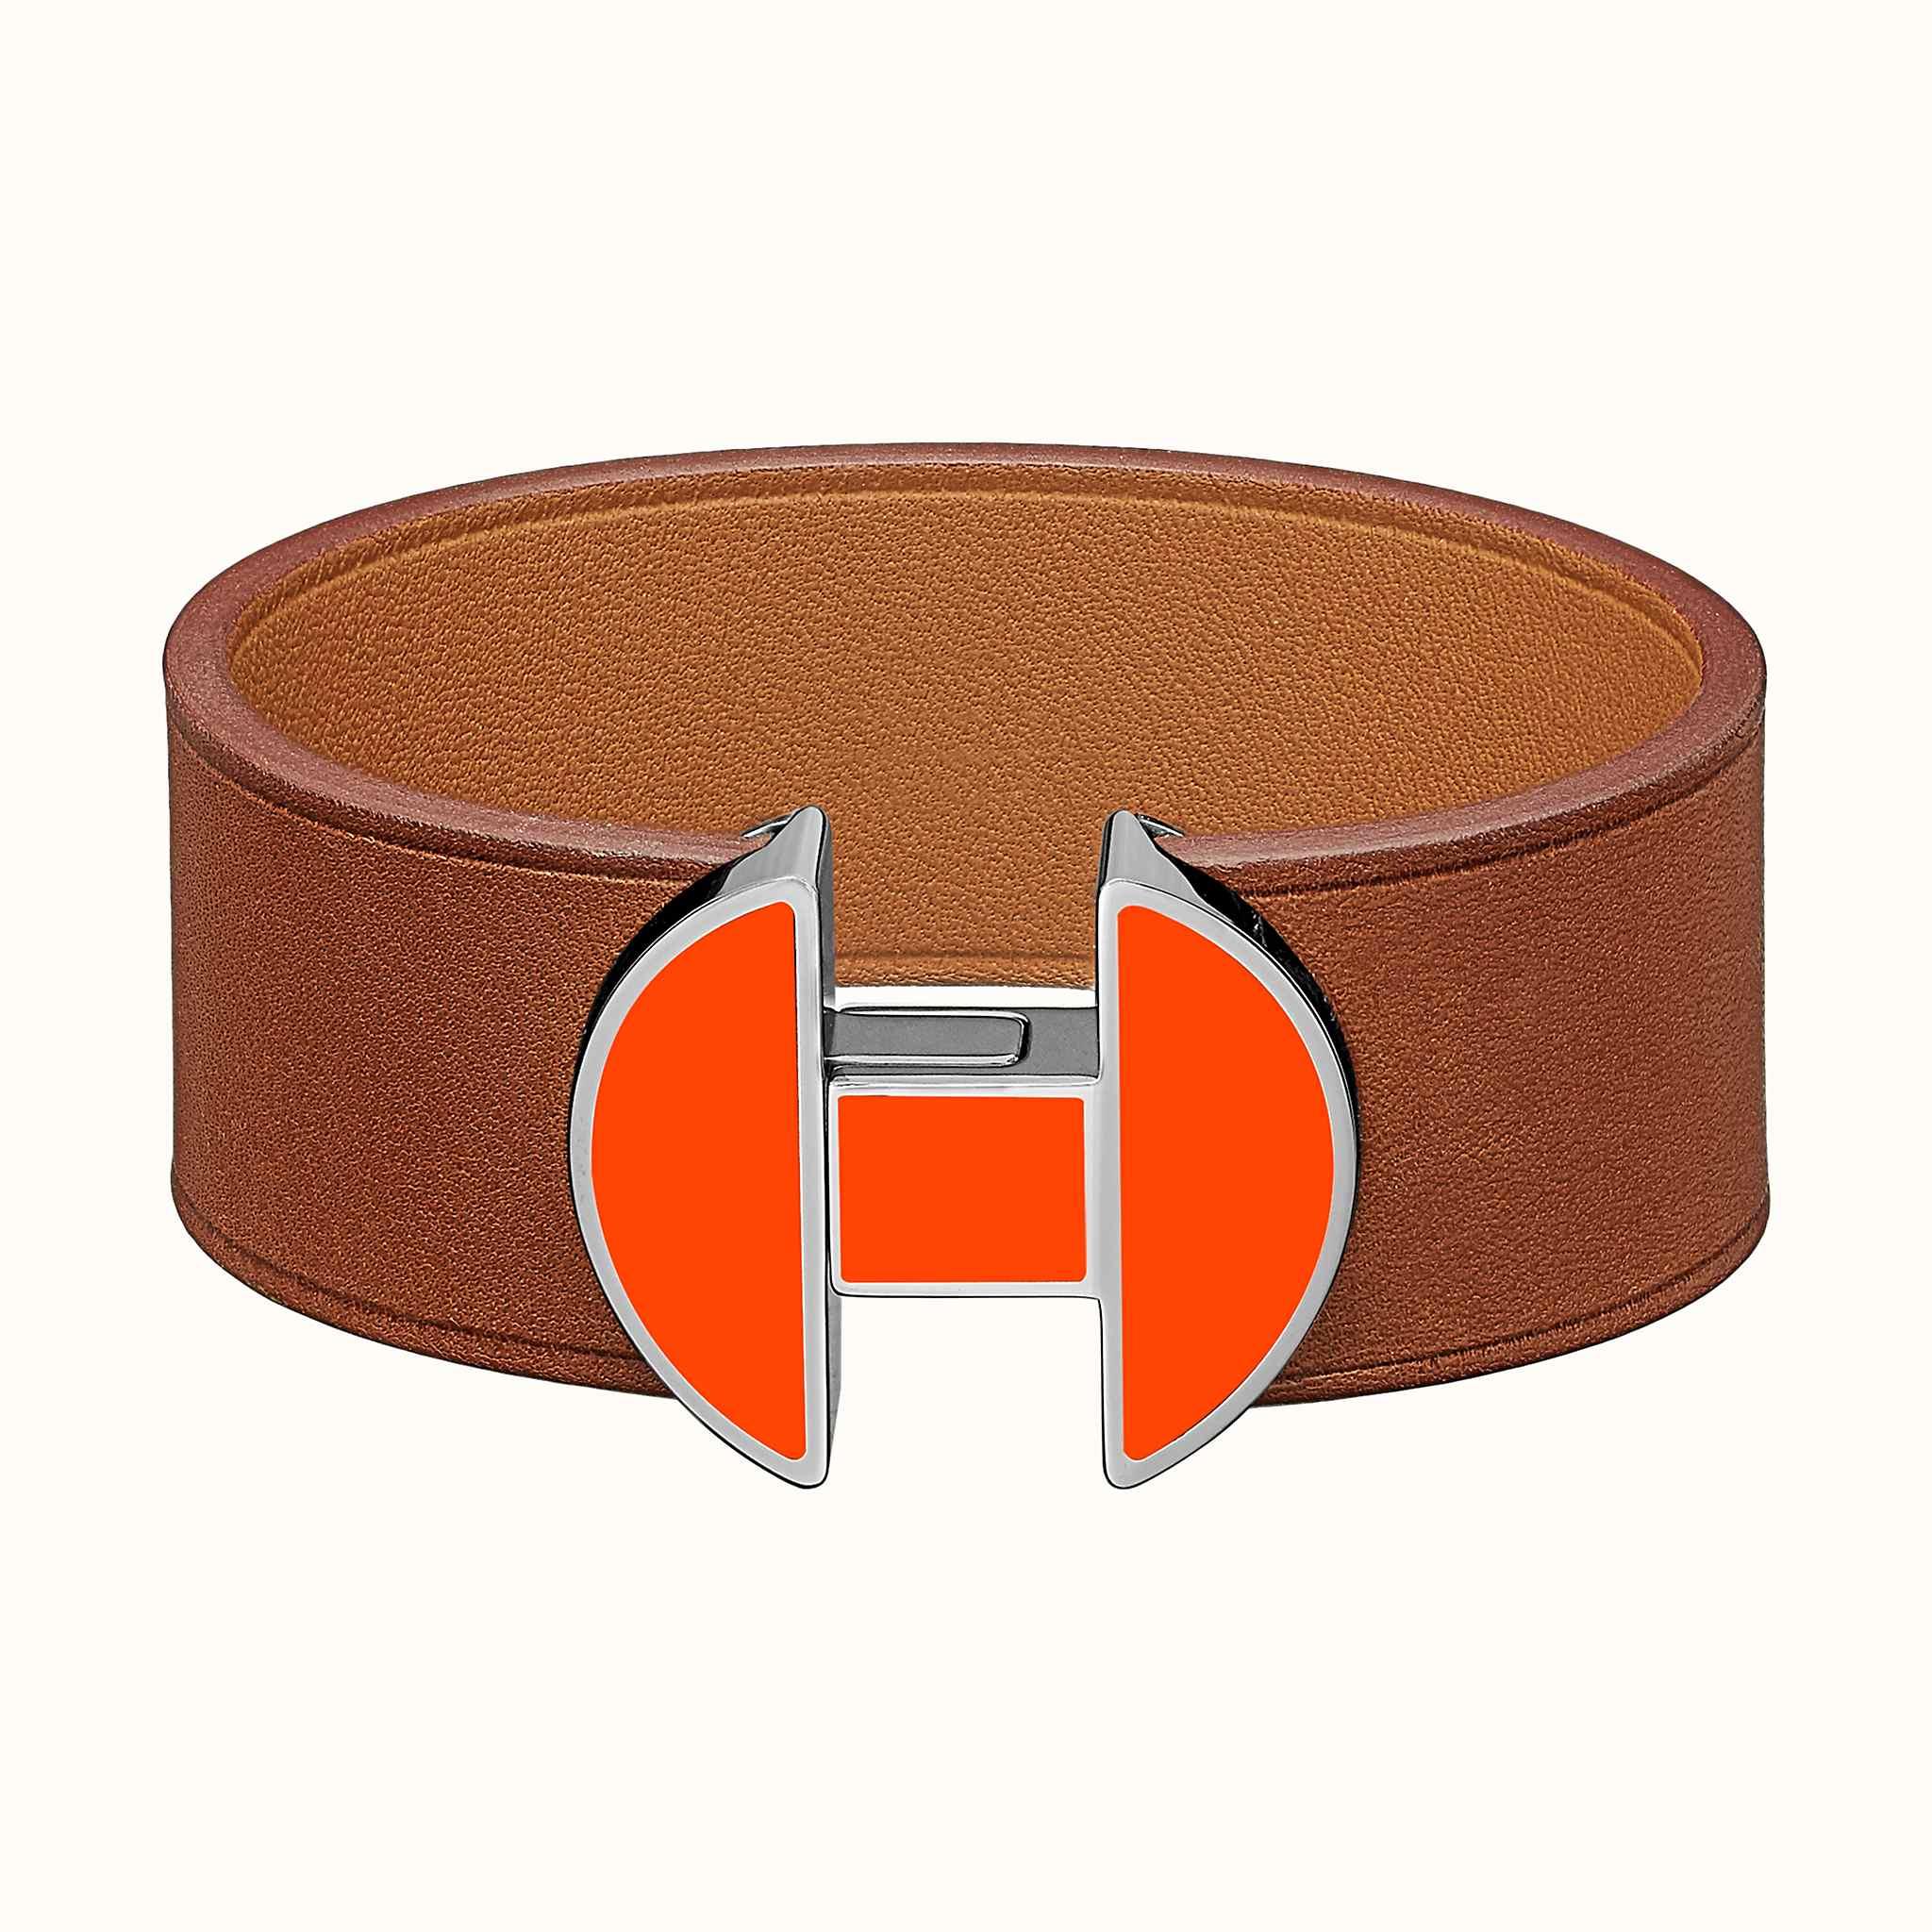 Hermes 2002 bracelet  4b9c585a6e